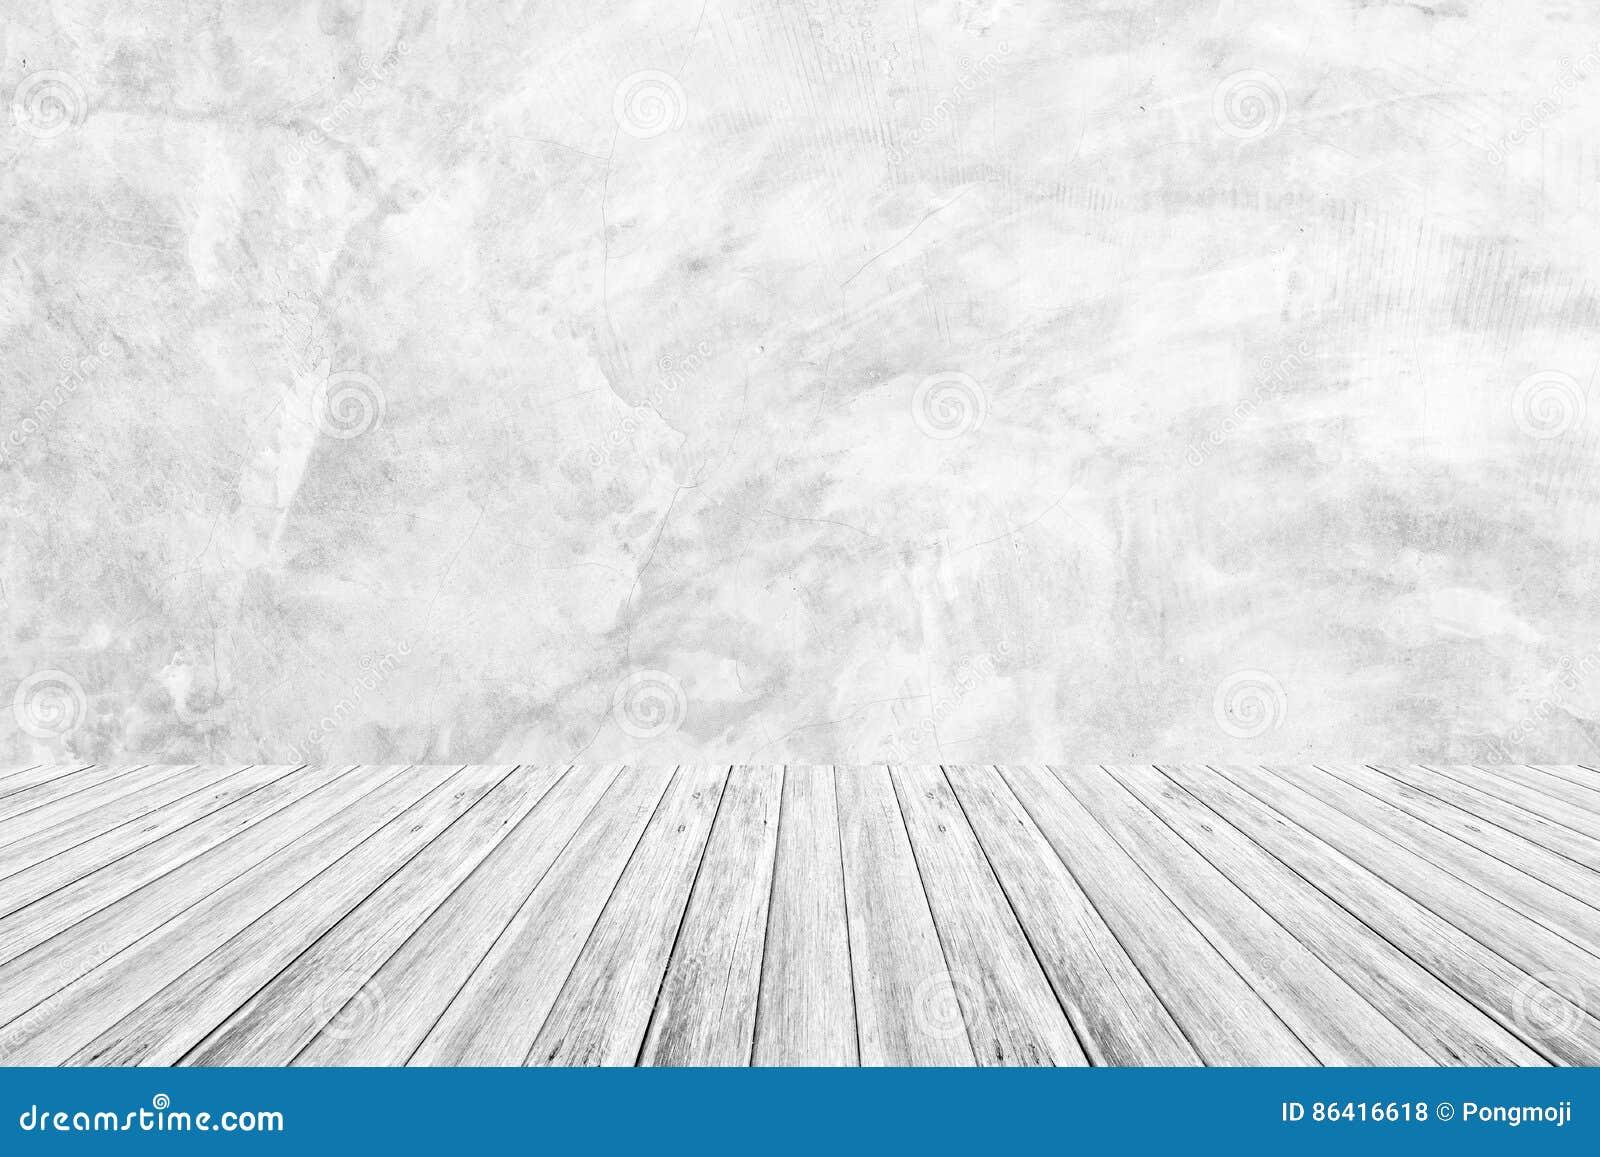 Terraza De Madera Y Textura Desnuda Pulida Del Muro De